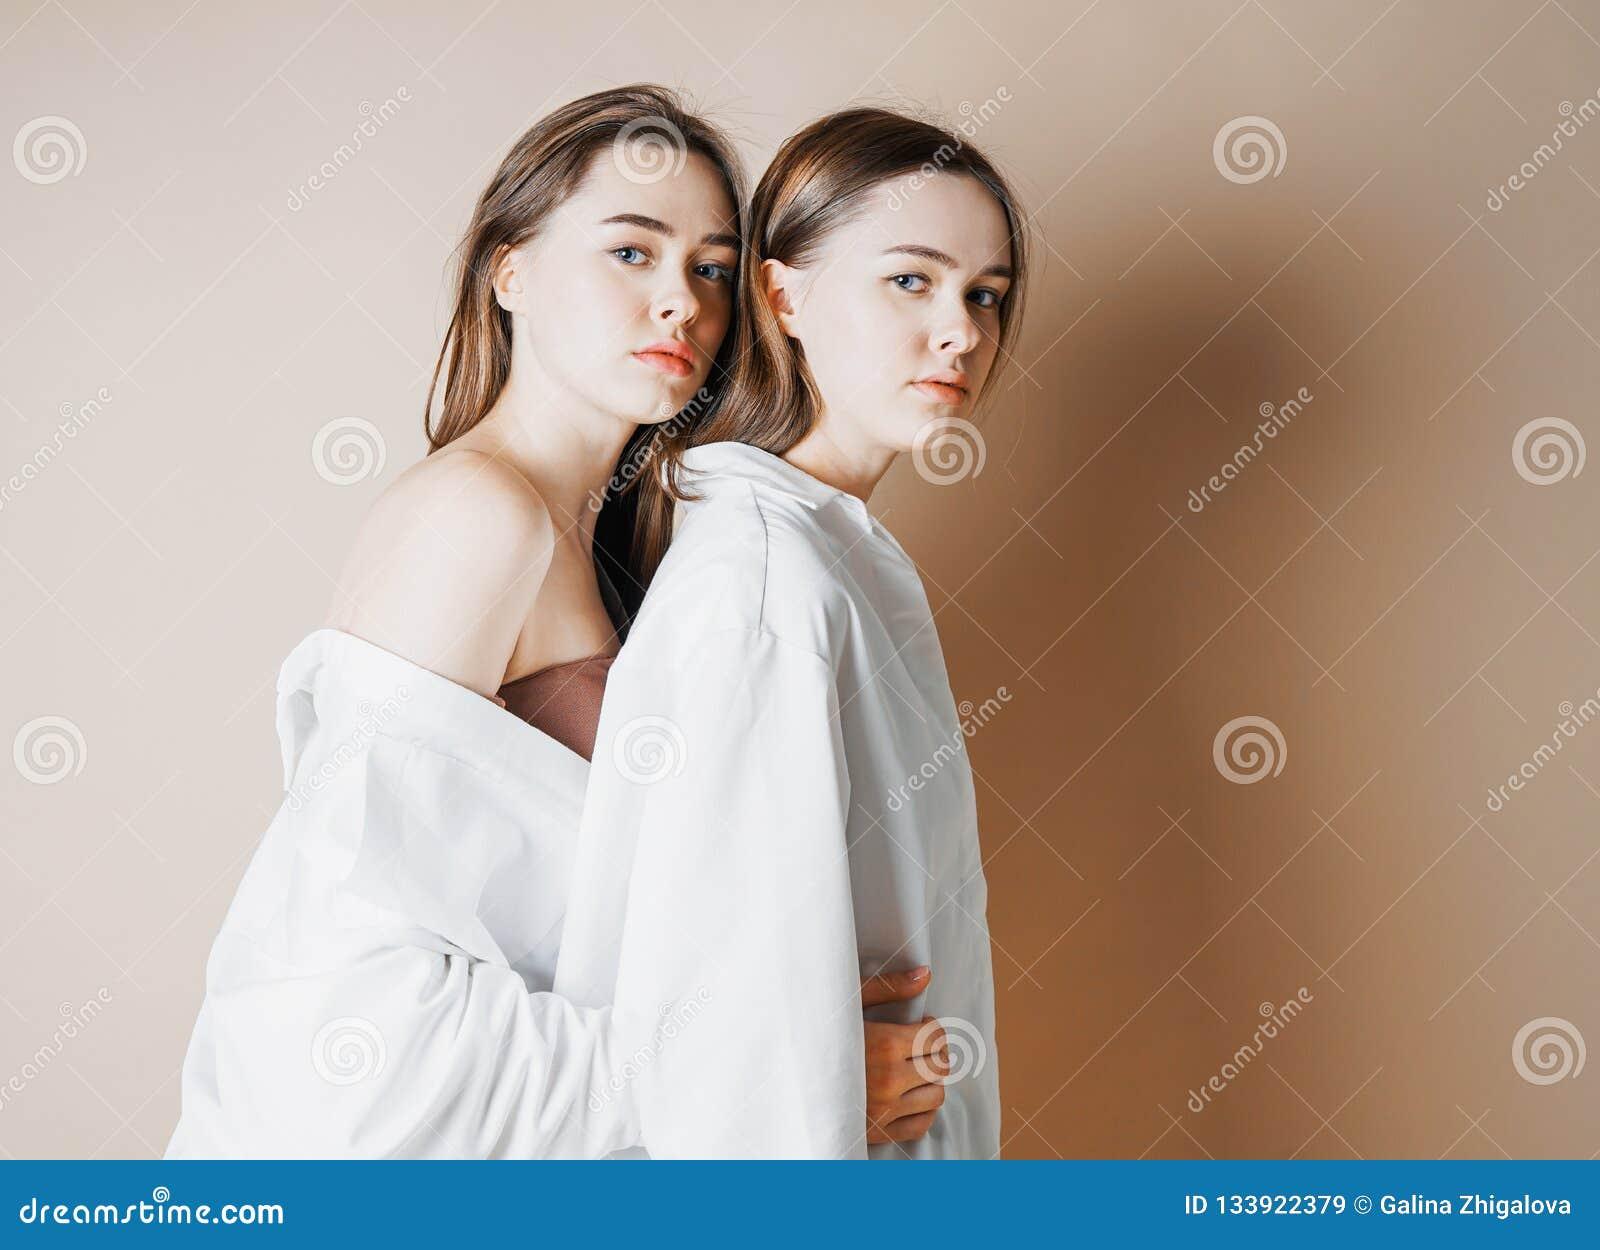 NUD κορίτσια εικόνα